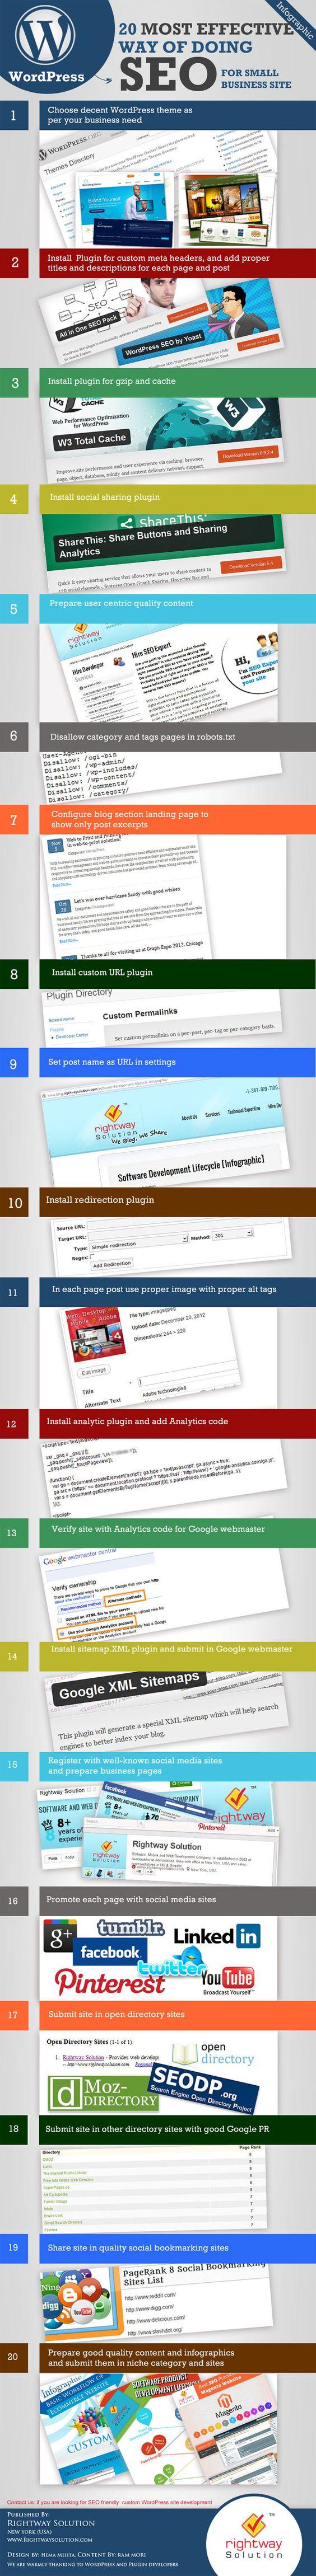 20 melhores maneiras de fazer SEO para pequenas empresas, de acordo com o WordPress.